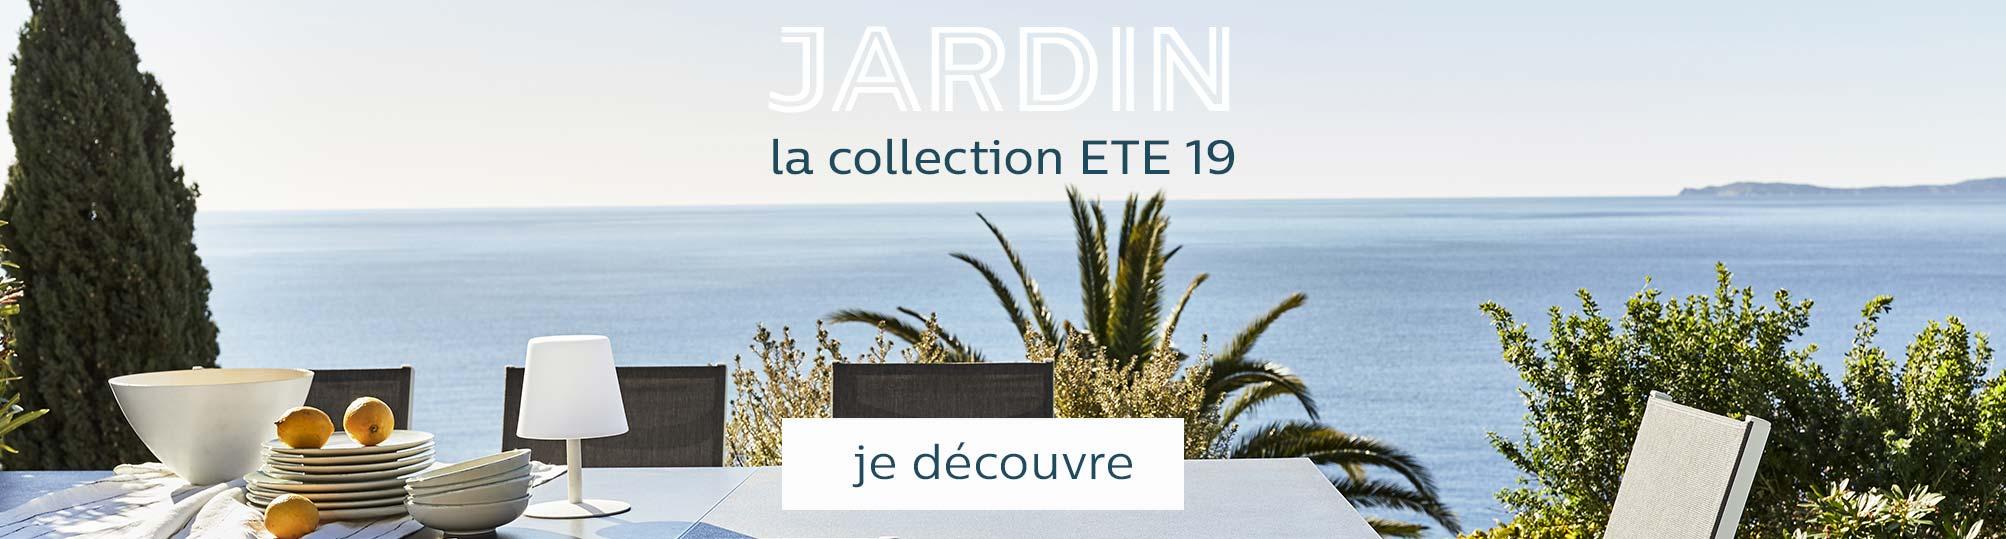 jardin-nouvelle-collection-alinea